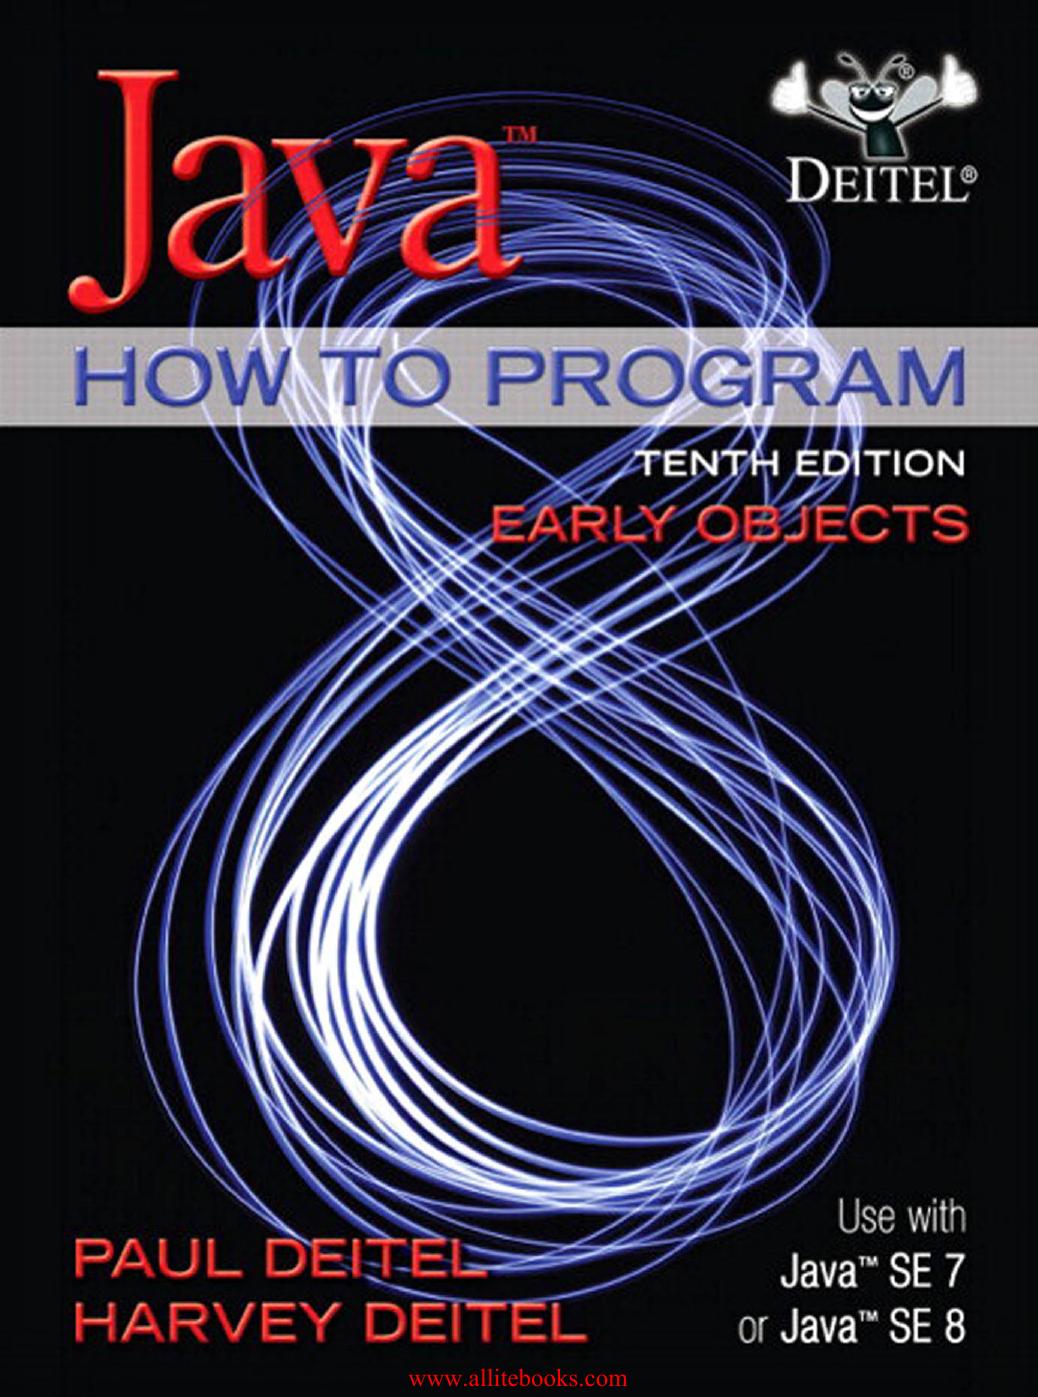 Java How to Program, 10th Edition | manualzz com